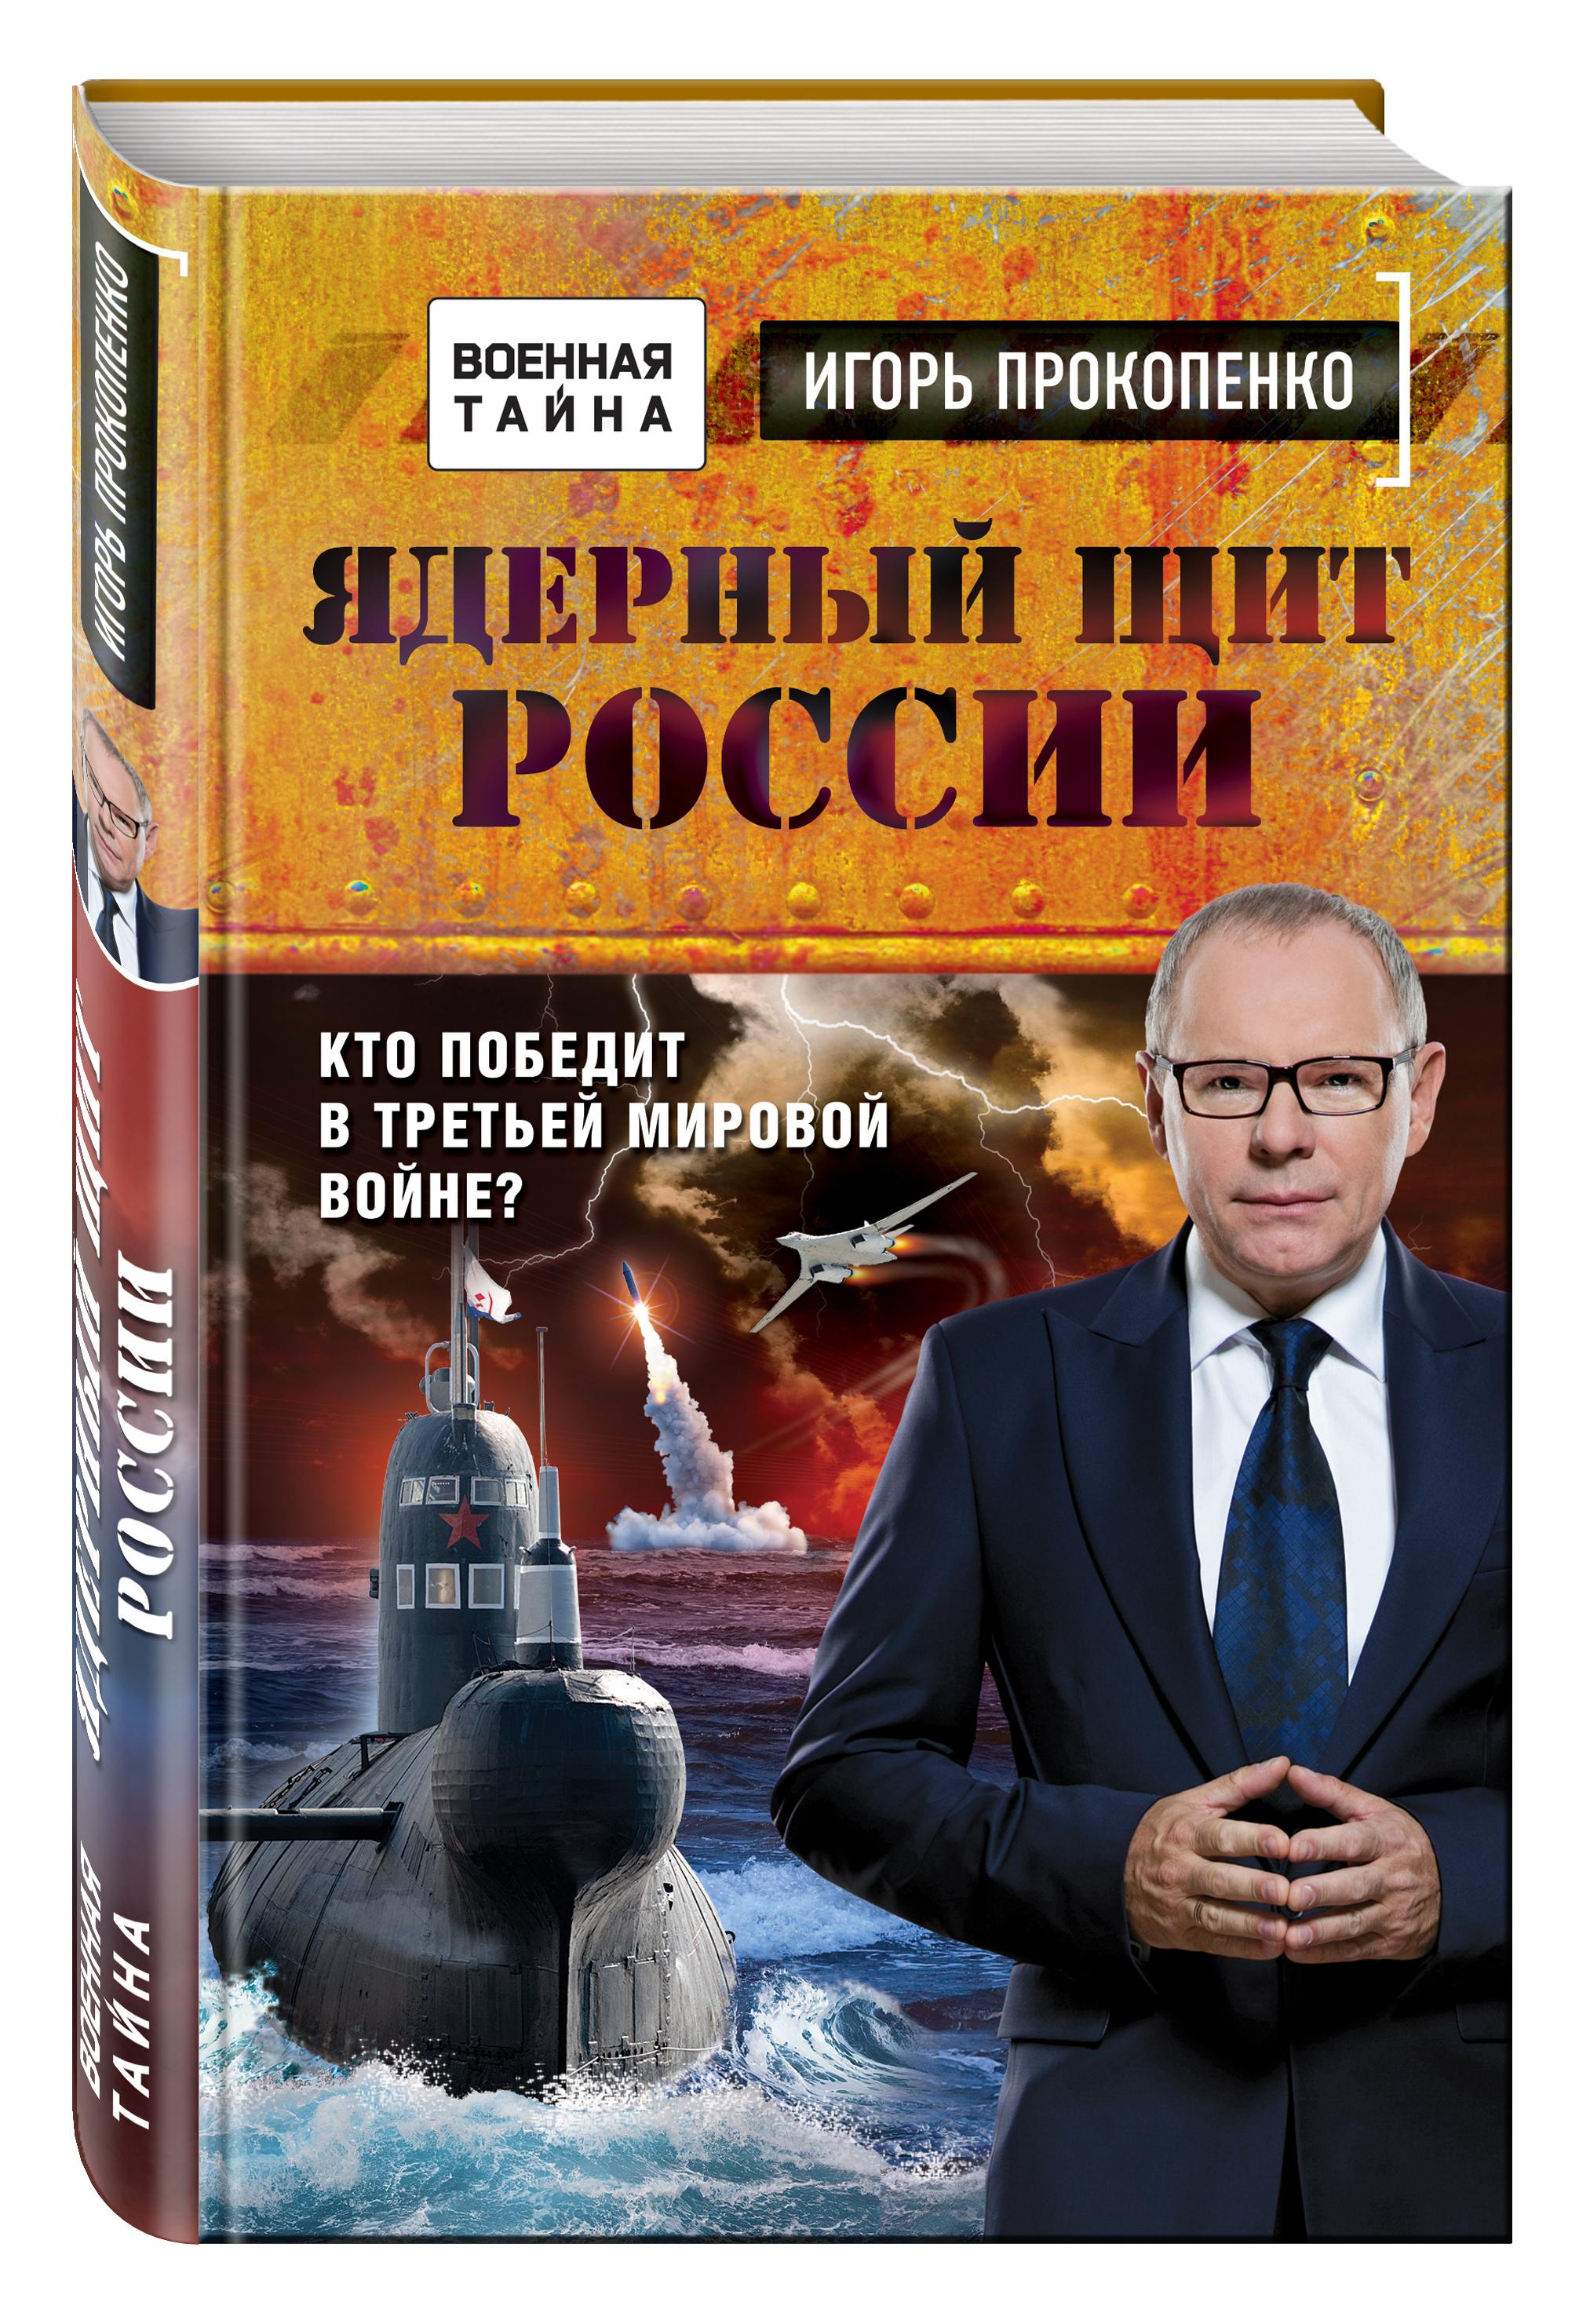 Прокопенко И.С. Ядерный щит России. Кто победит в Третьей мировой войне?